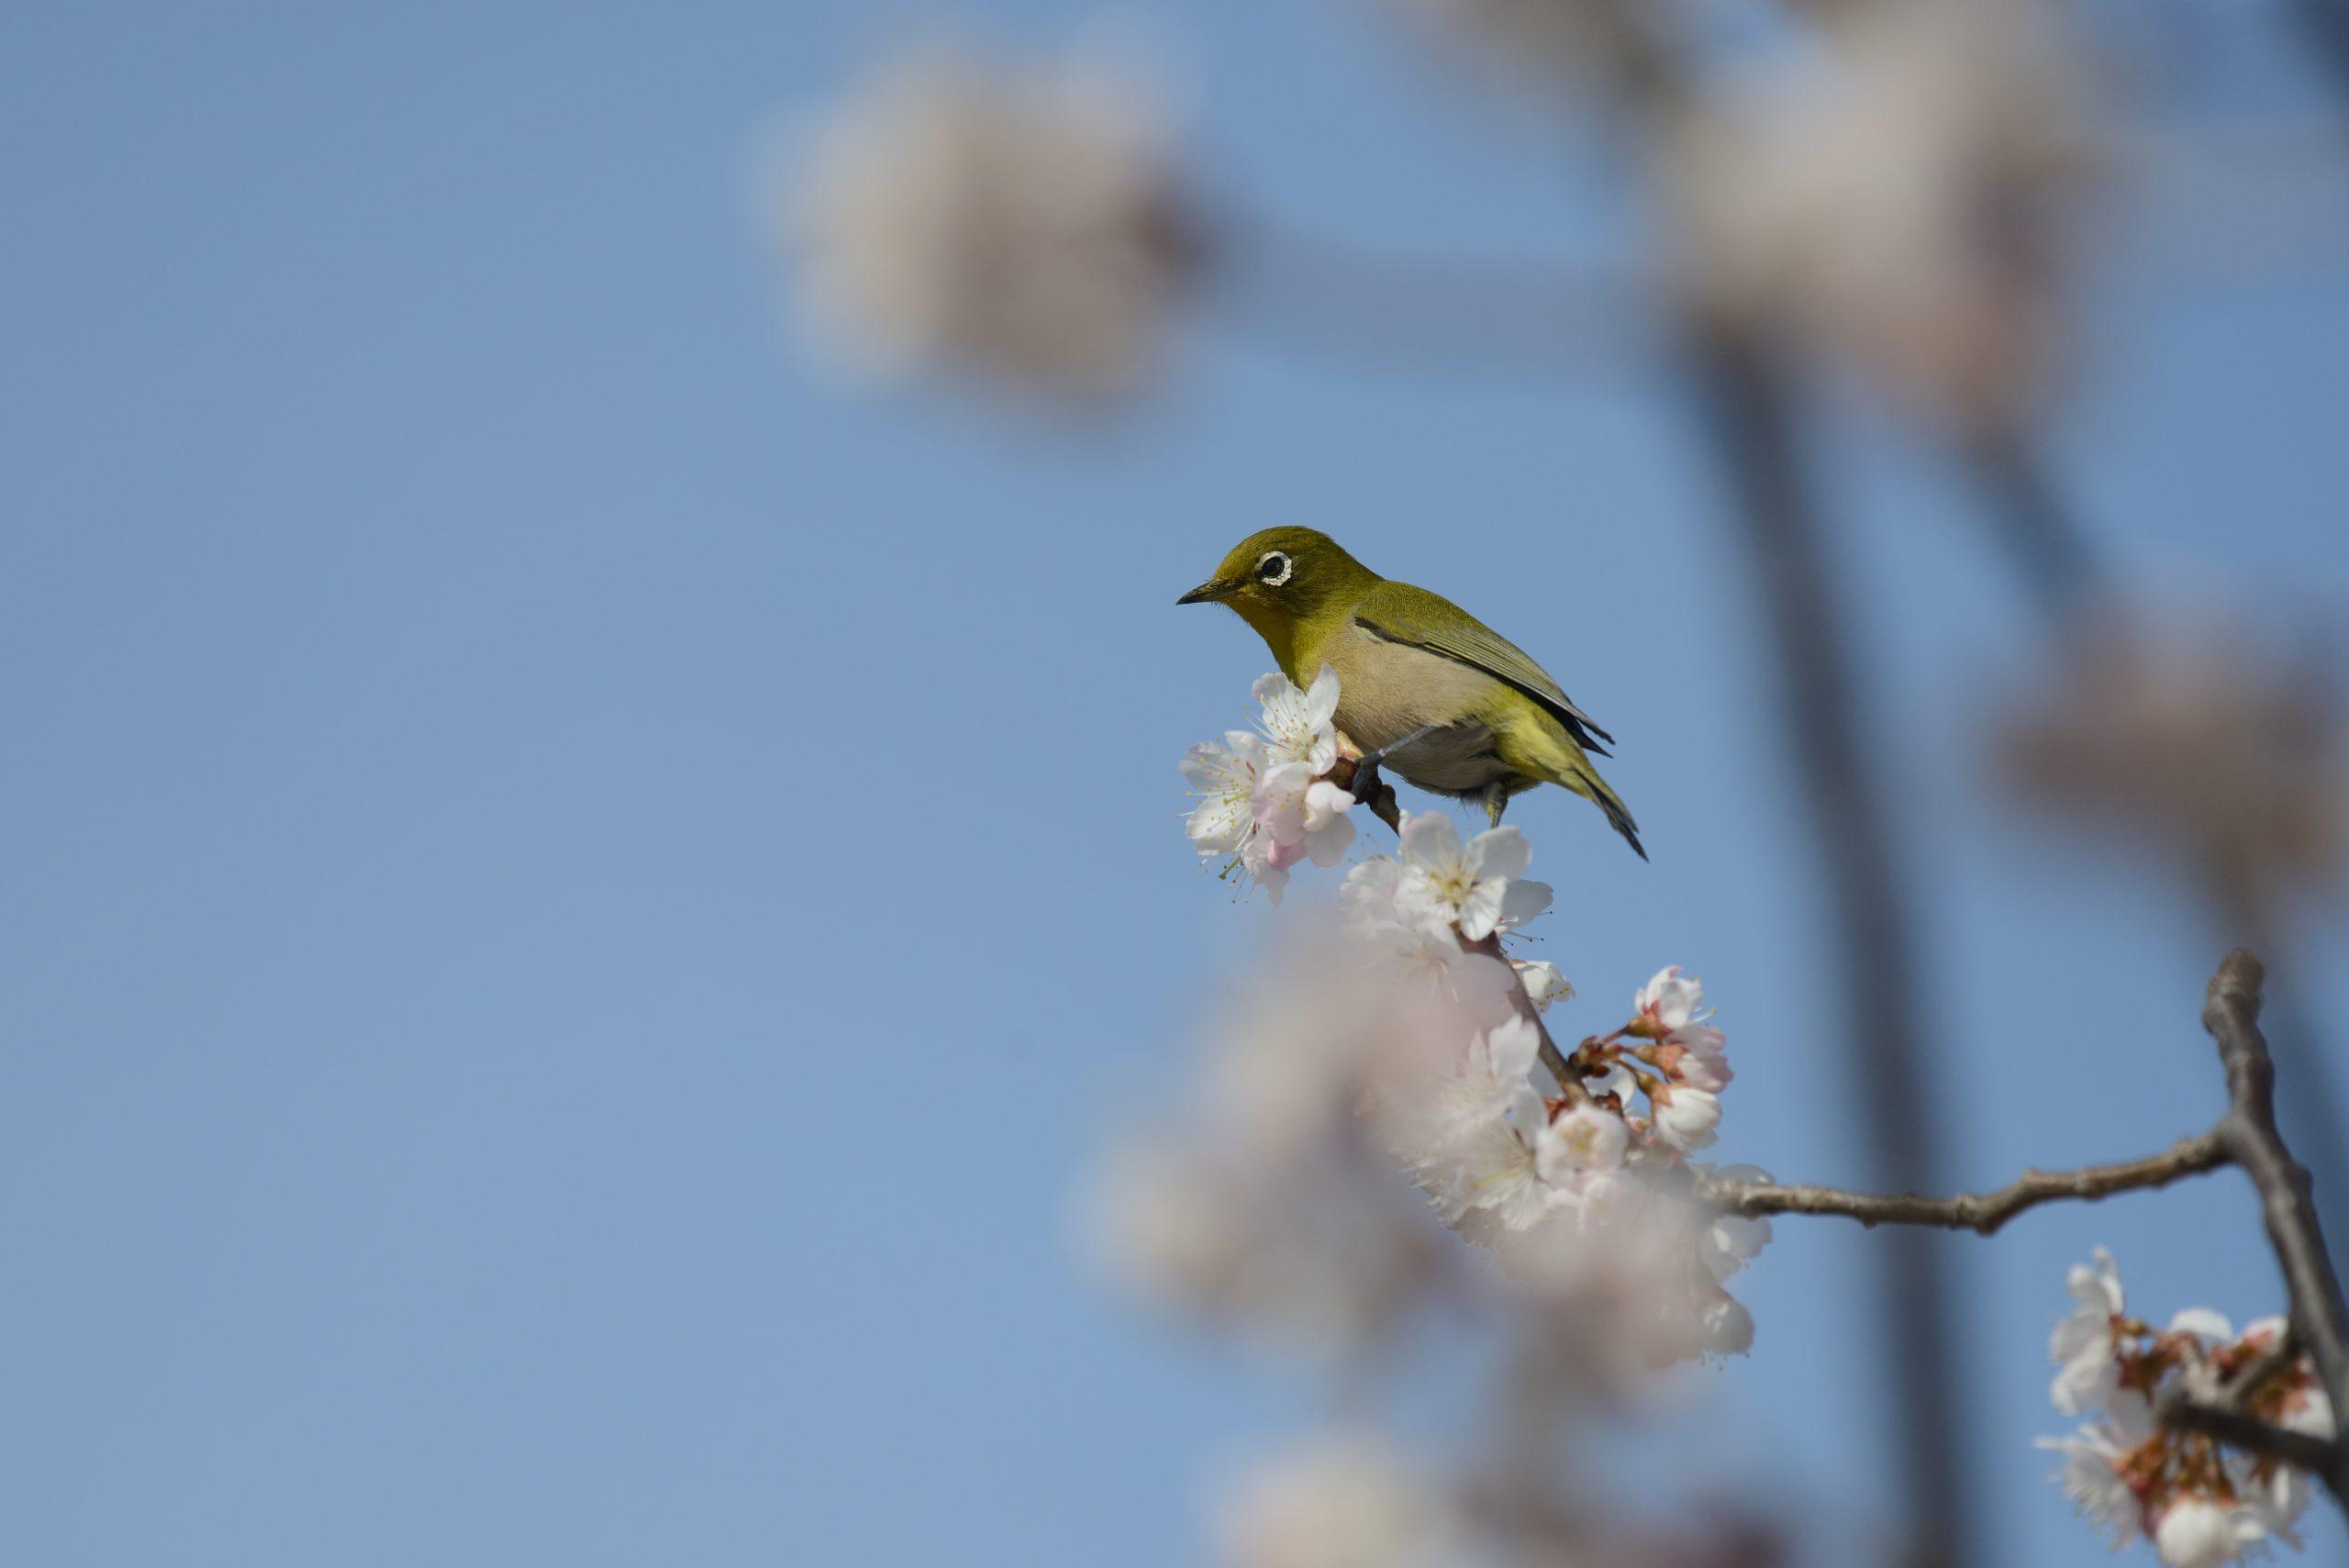 【Nikon】春の訪れ~望遠スナップ